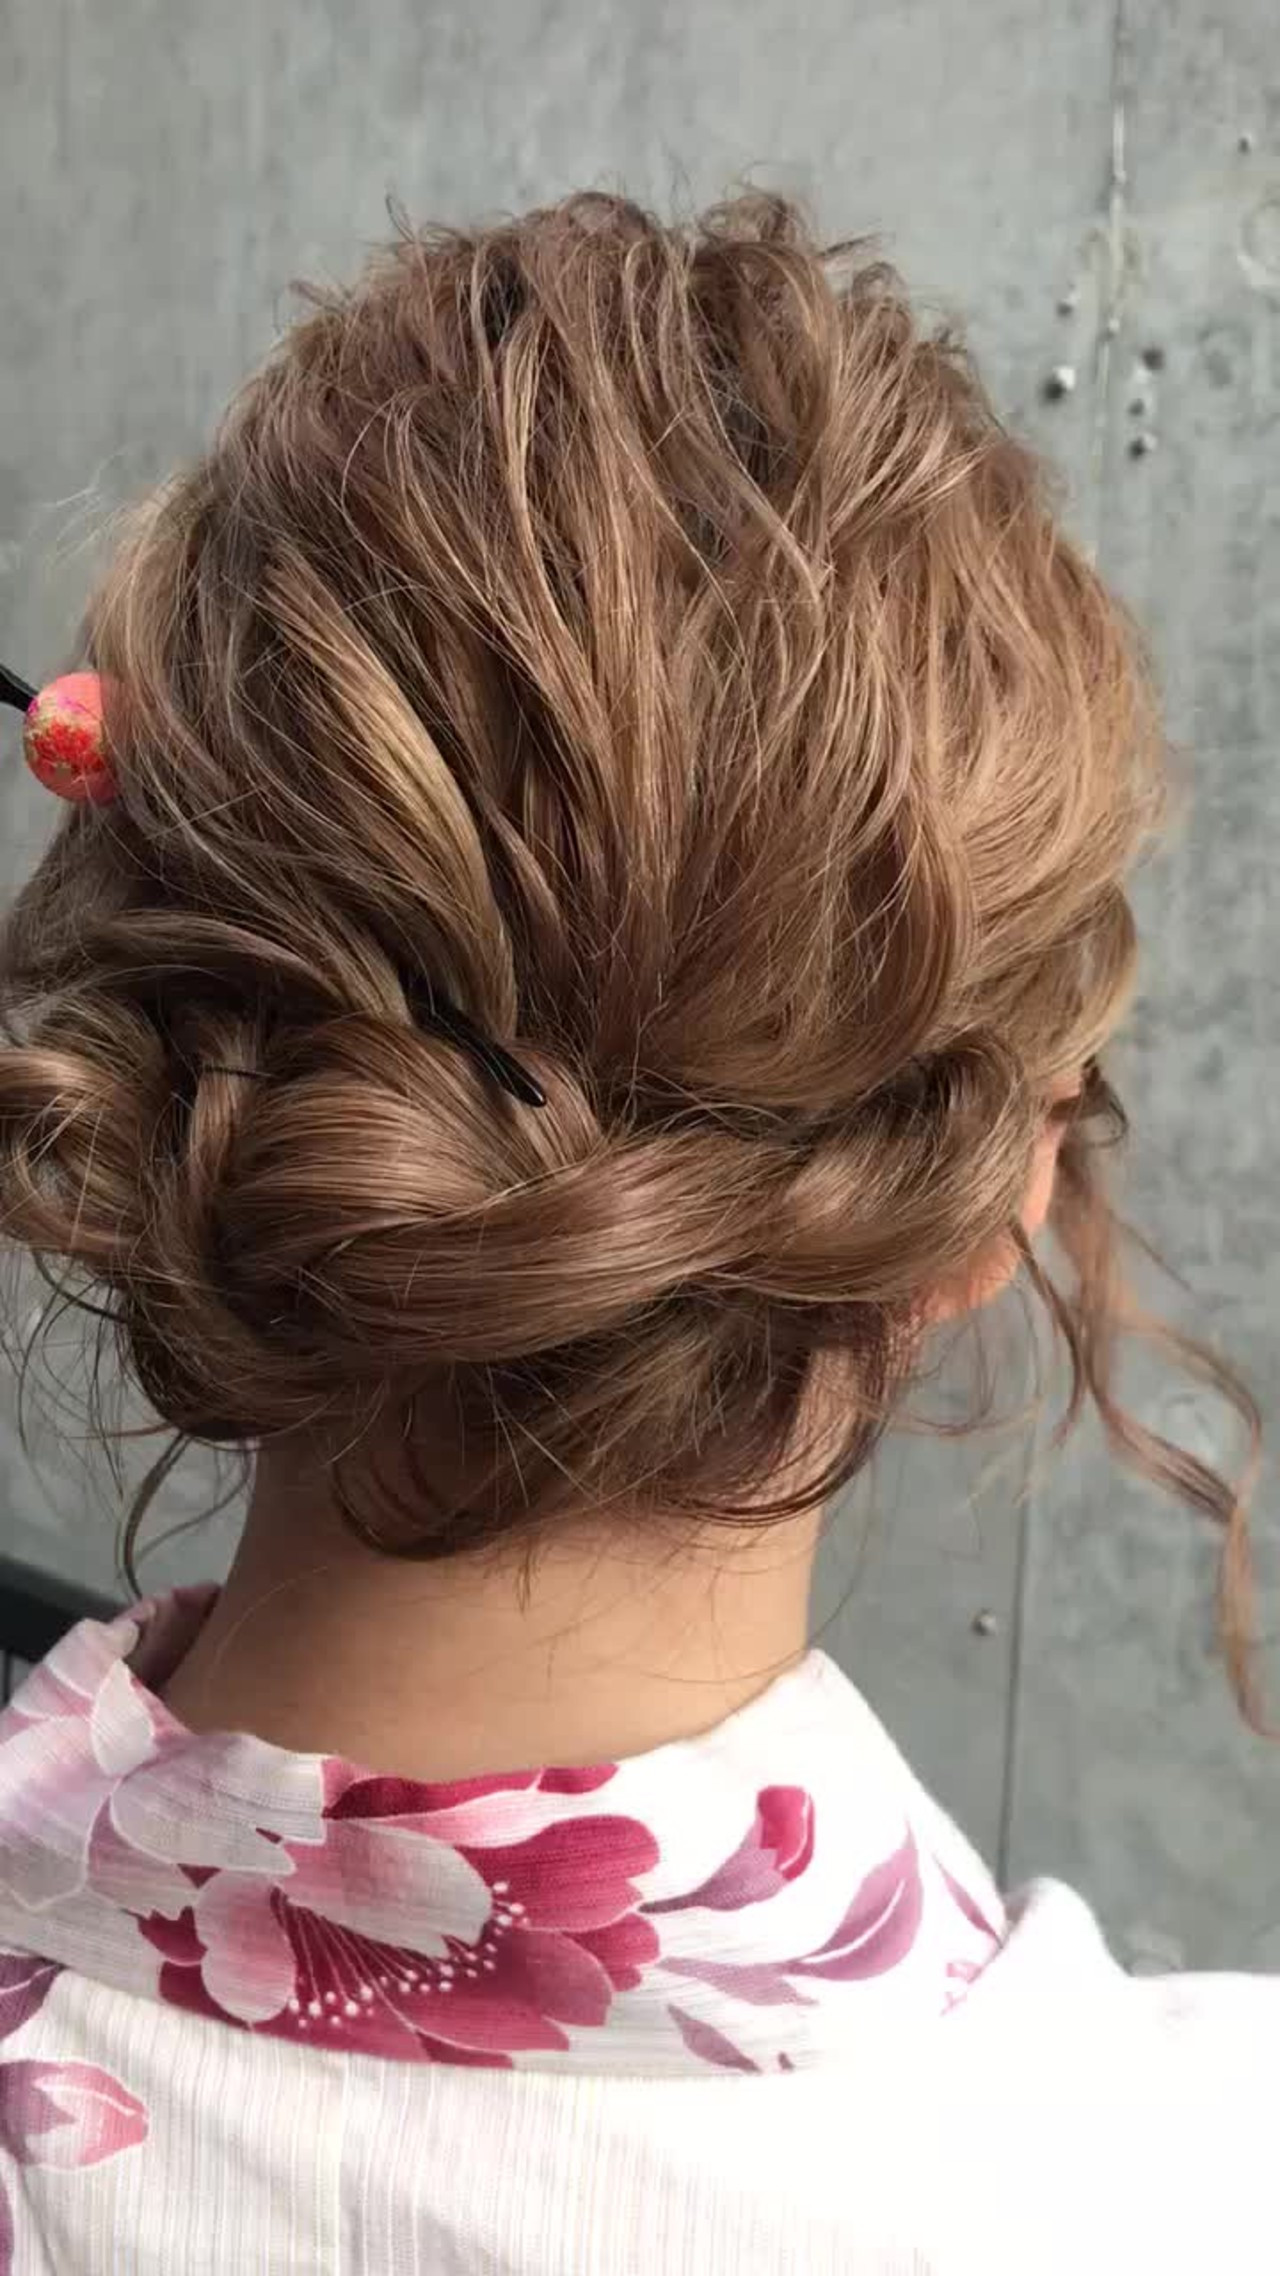 ヘアアレンジ セミロング デート アウトドア ヘアスタイルや髪型の写真・画像